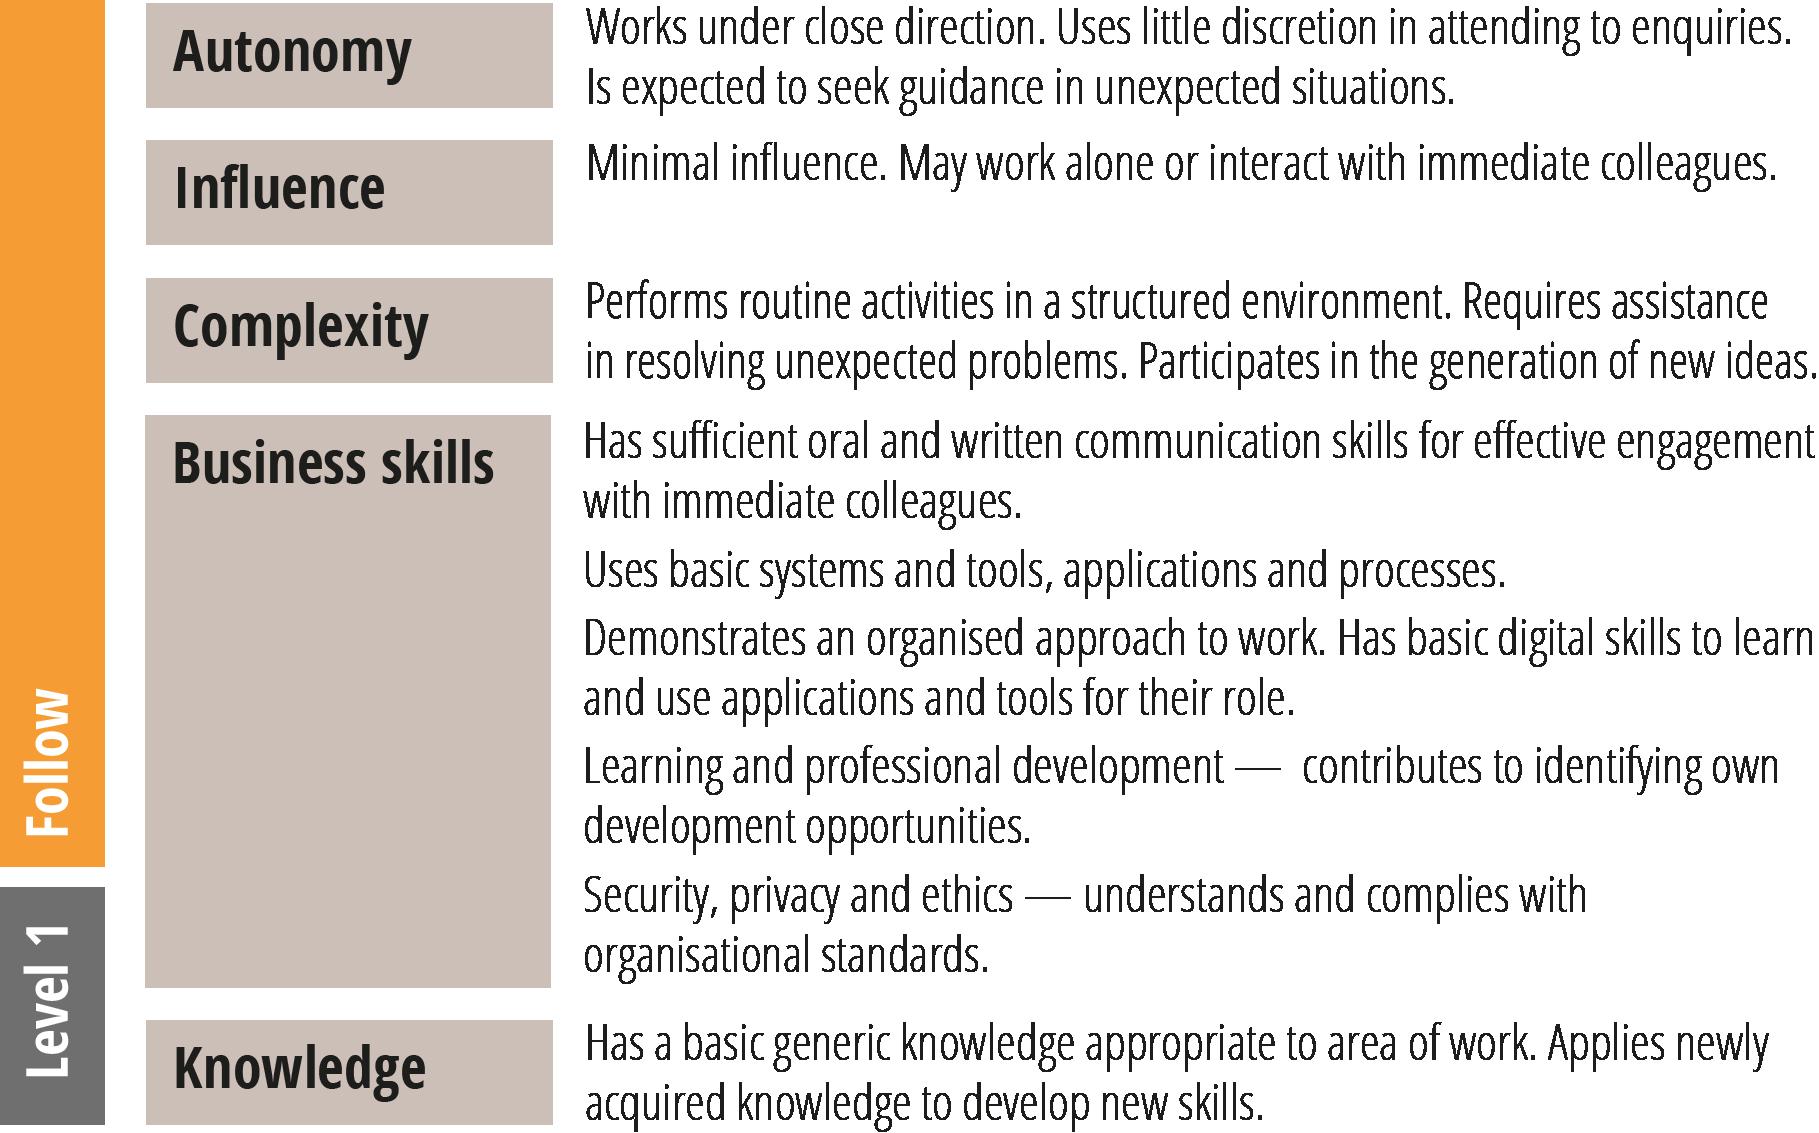 SFIA level 1 generic attributes